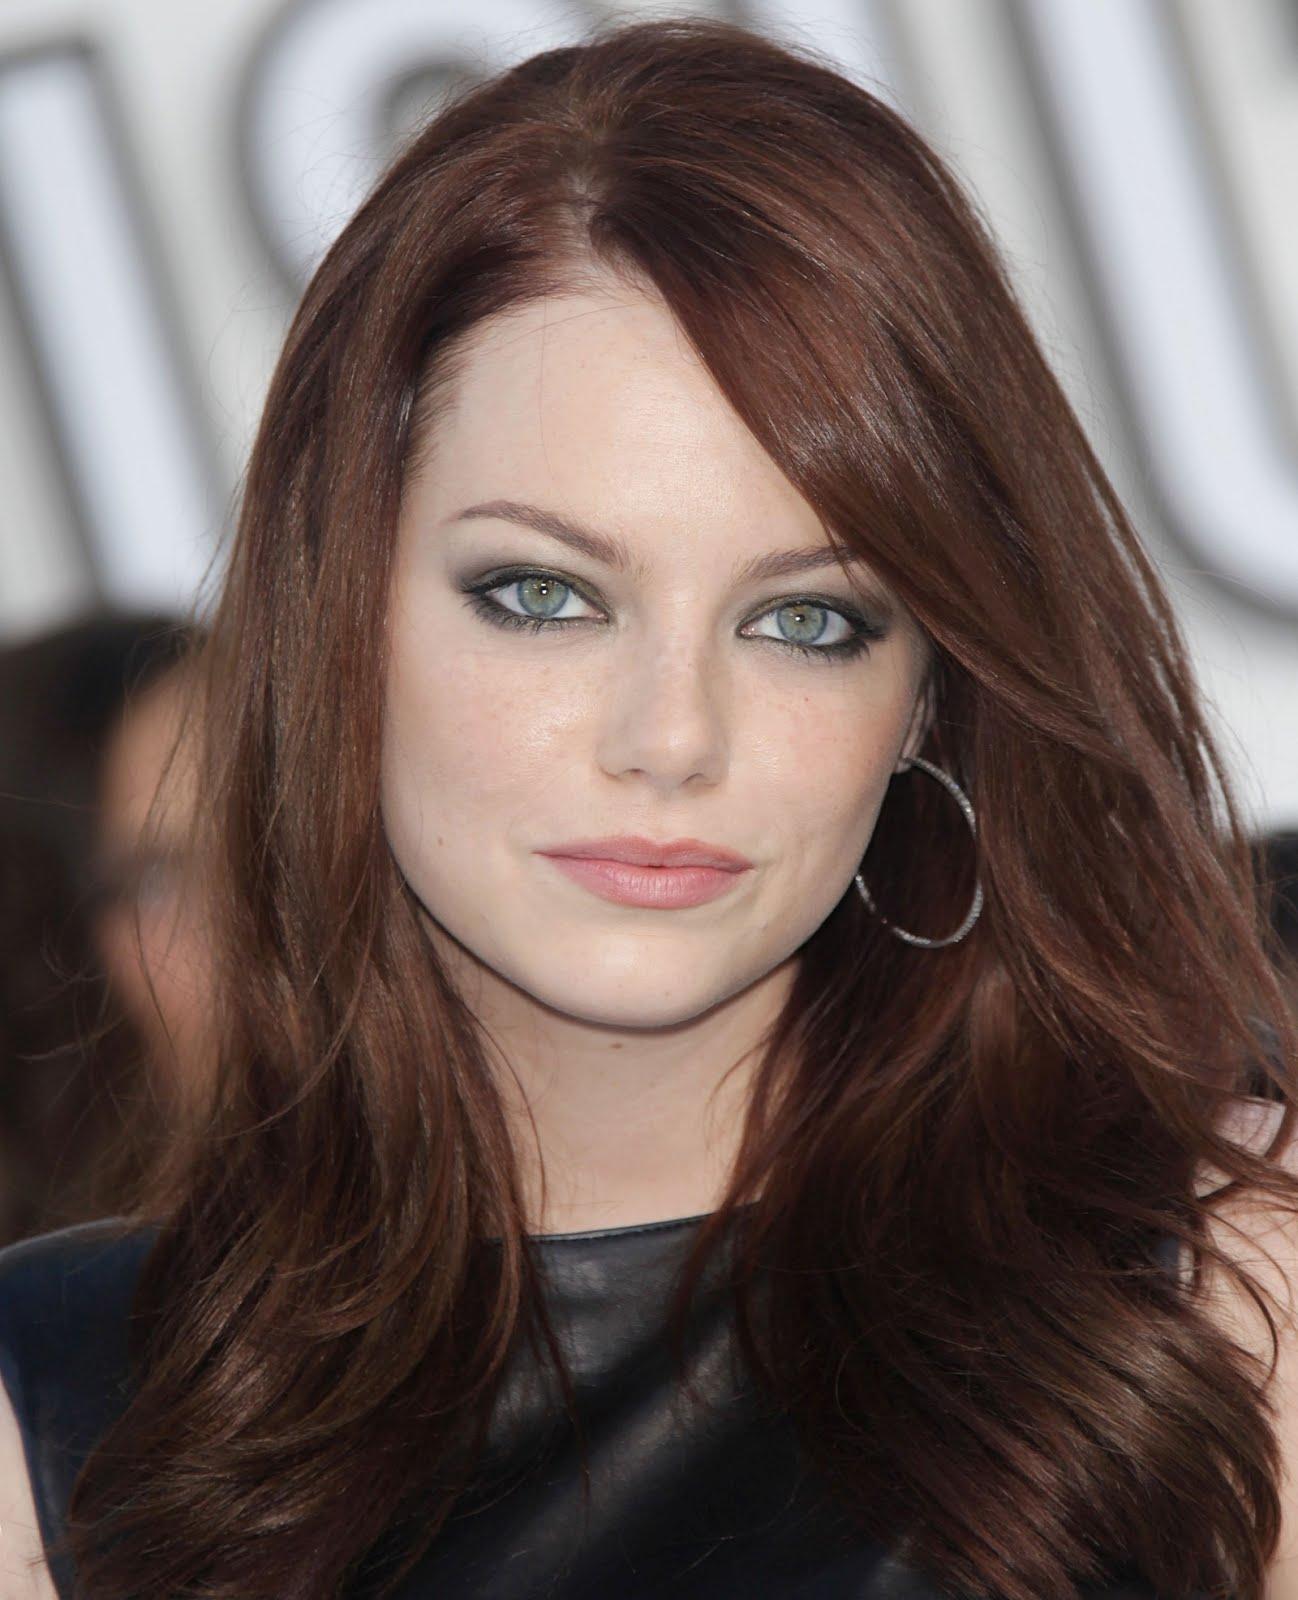 http://2.bp.blogspot.com/-q5d5CLY0aZQ/T30IJbsJ3NI/AAAAAAABSdw/S4L3Ri2jM1k/s1600/Emma-Stone-Green-eyes.jpg